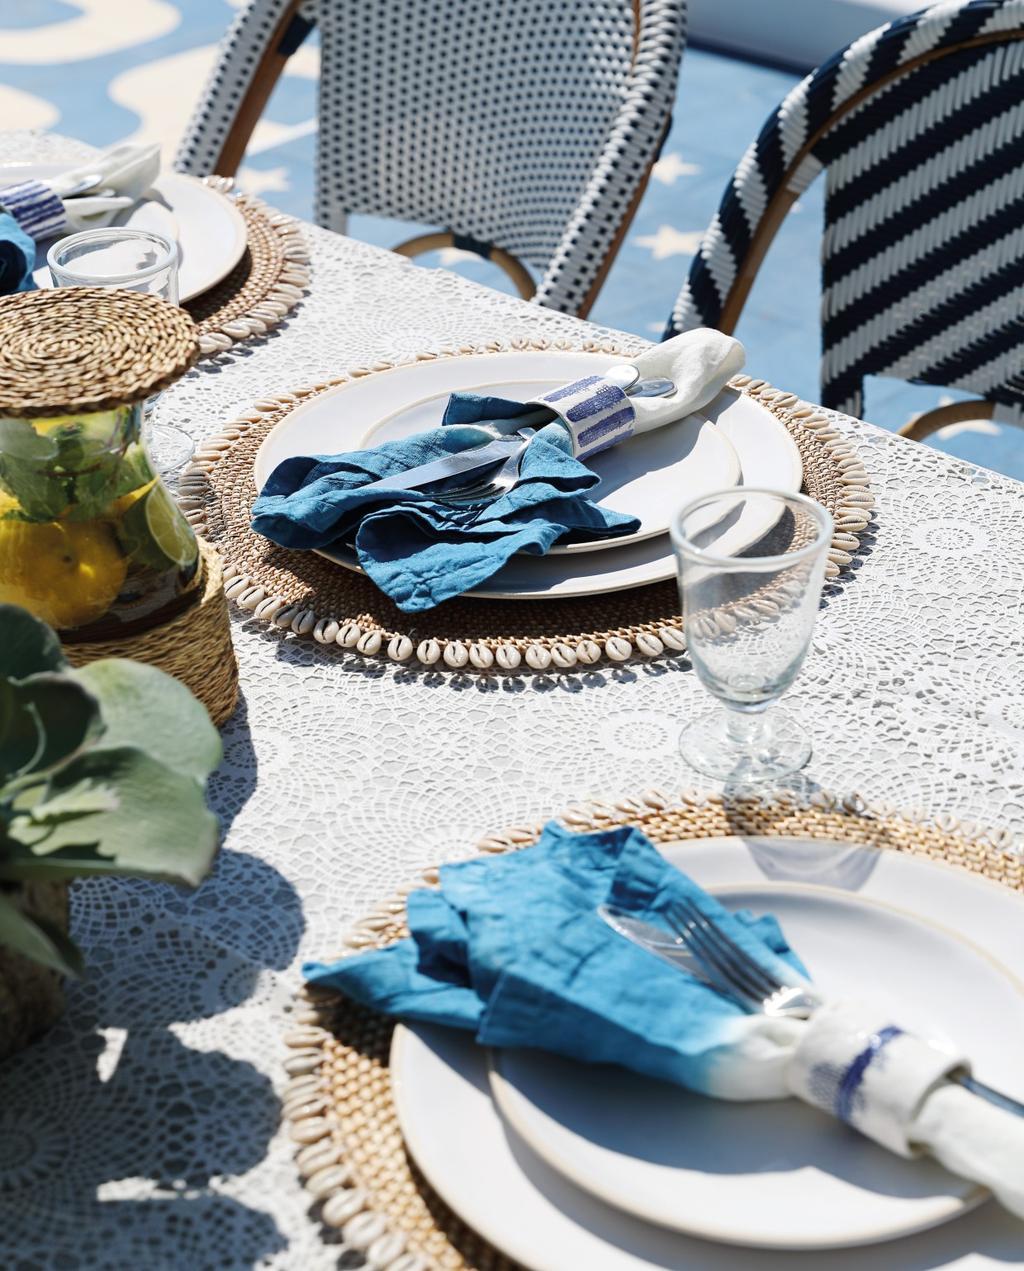 vtwonen 08-2020 | bk buitenland ibiza gedekte tafel met witte borden en blauwe servetten